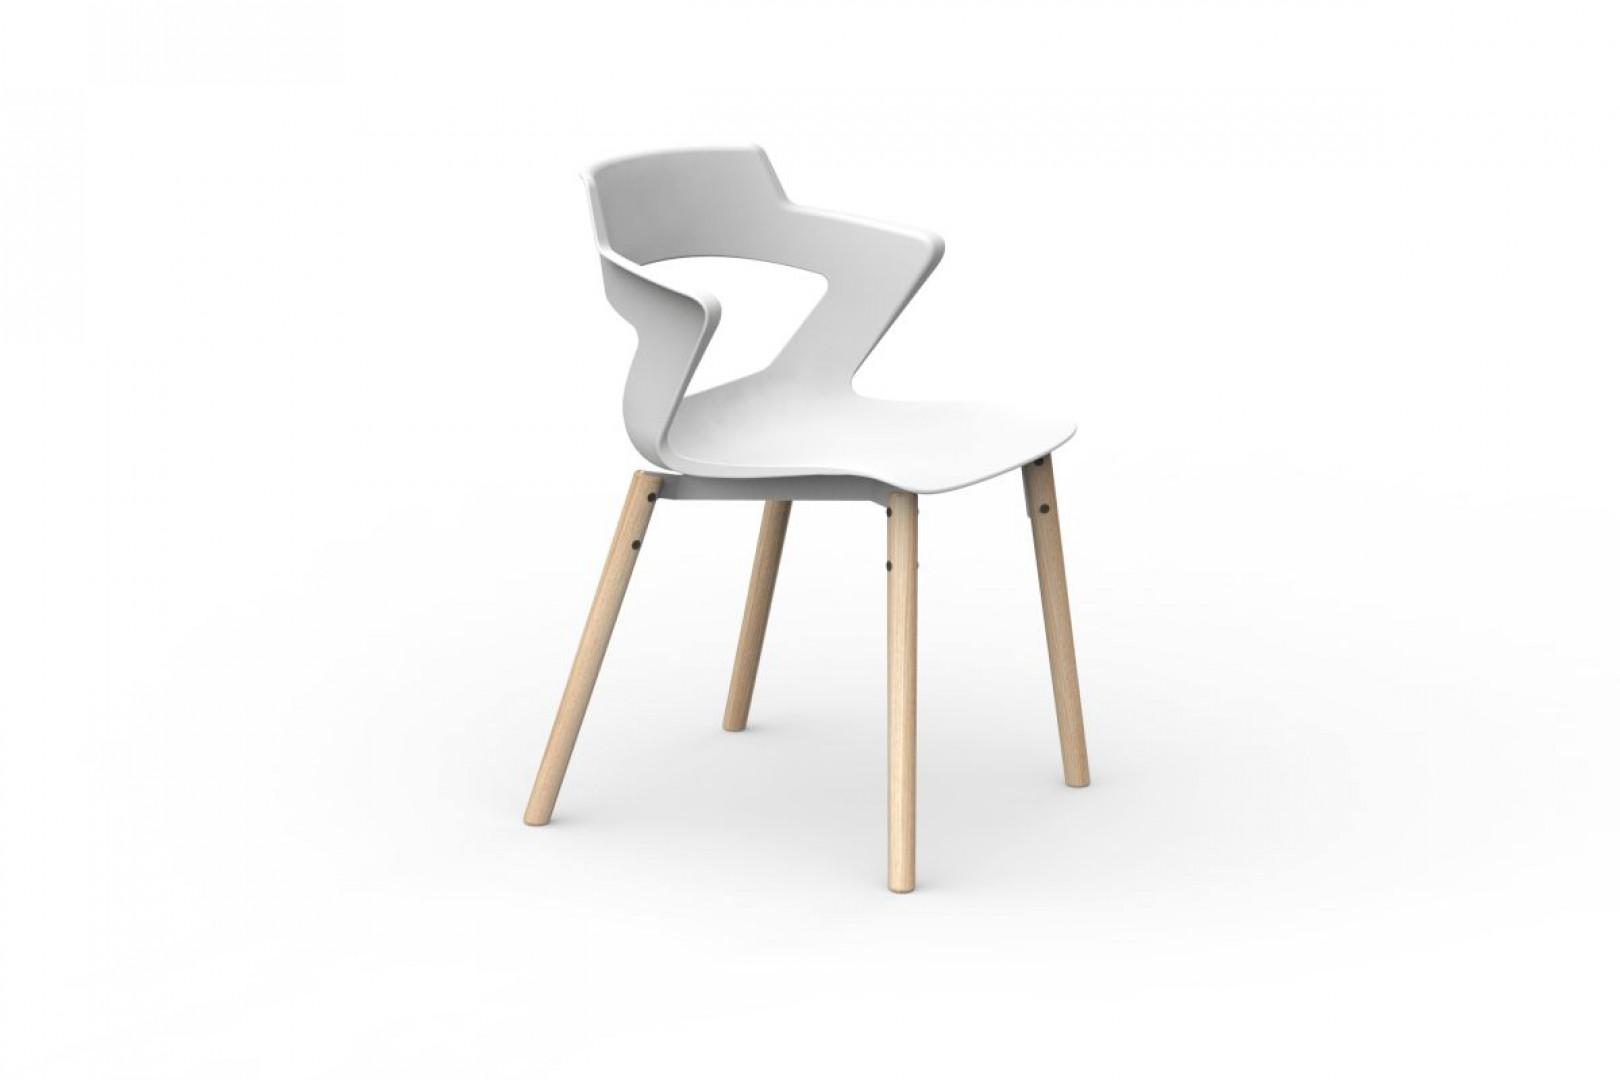 Krzesło z kolekcji Sky line (Bejot) - model SKW 720. Projekt: Lucidi Pevere. Fot. Bejot